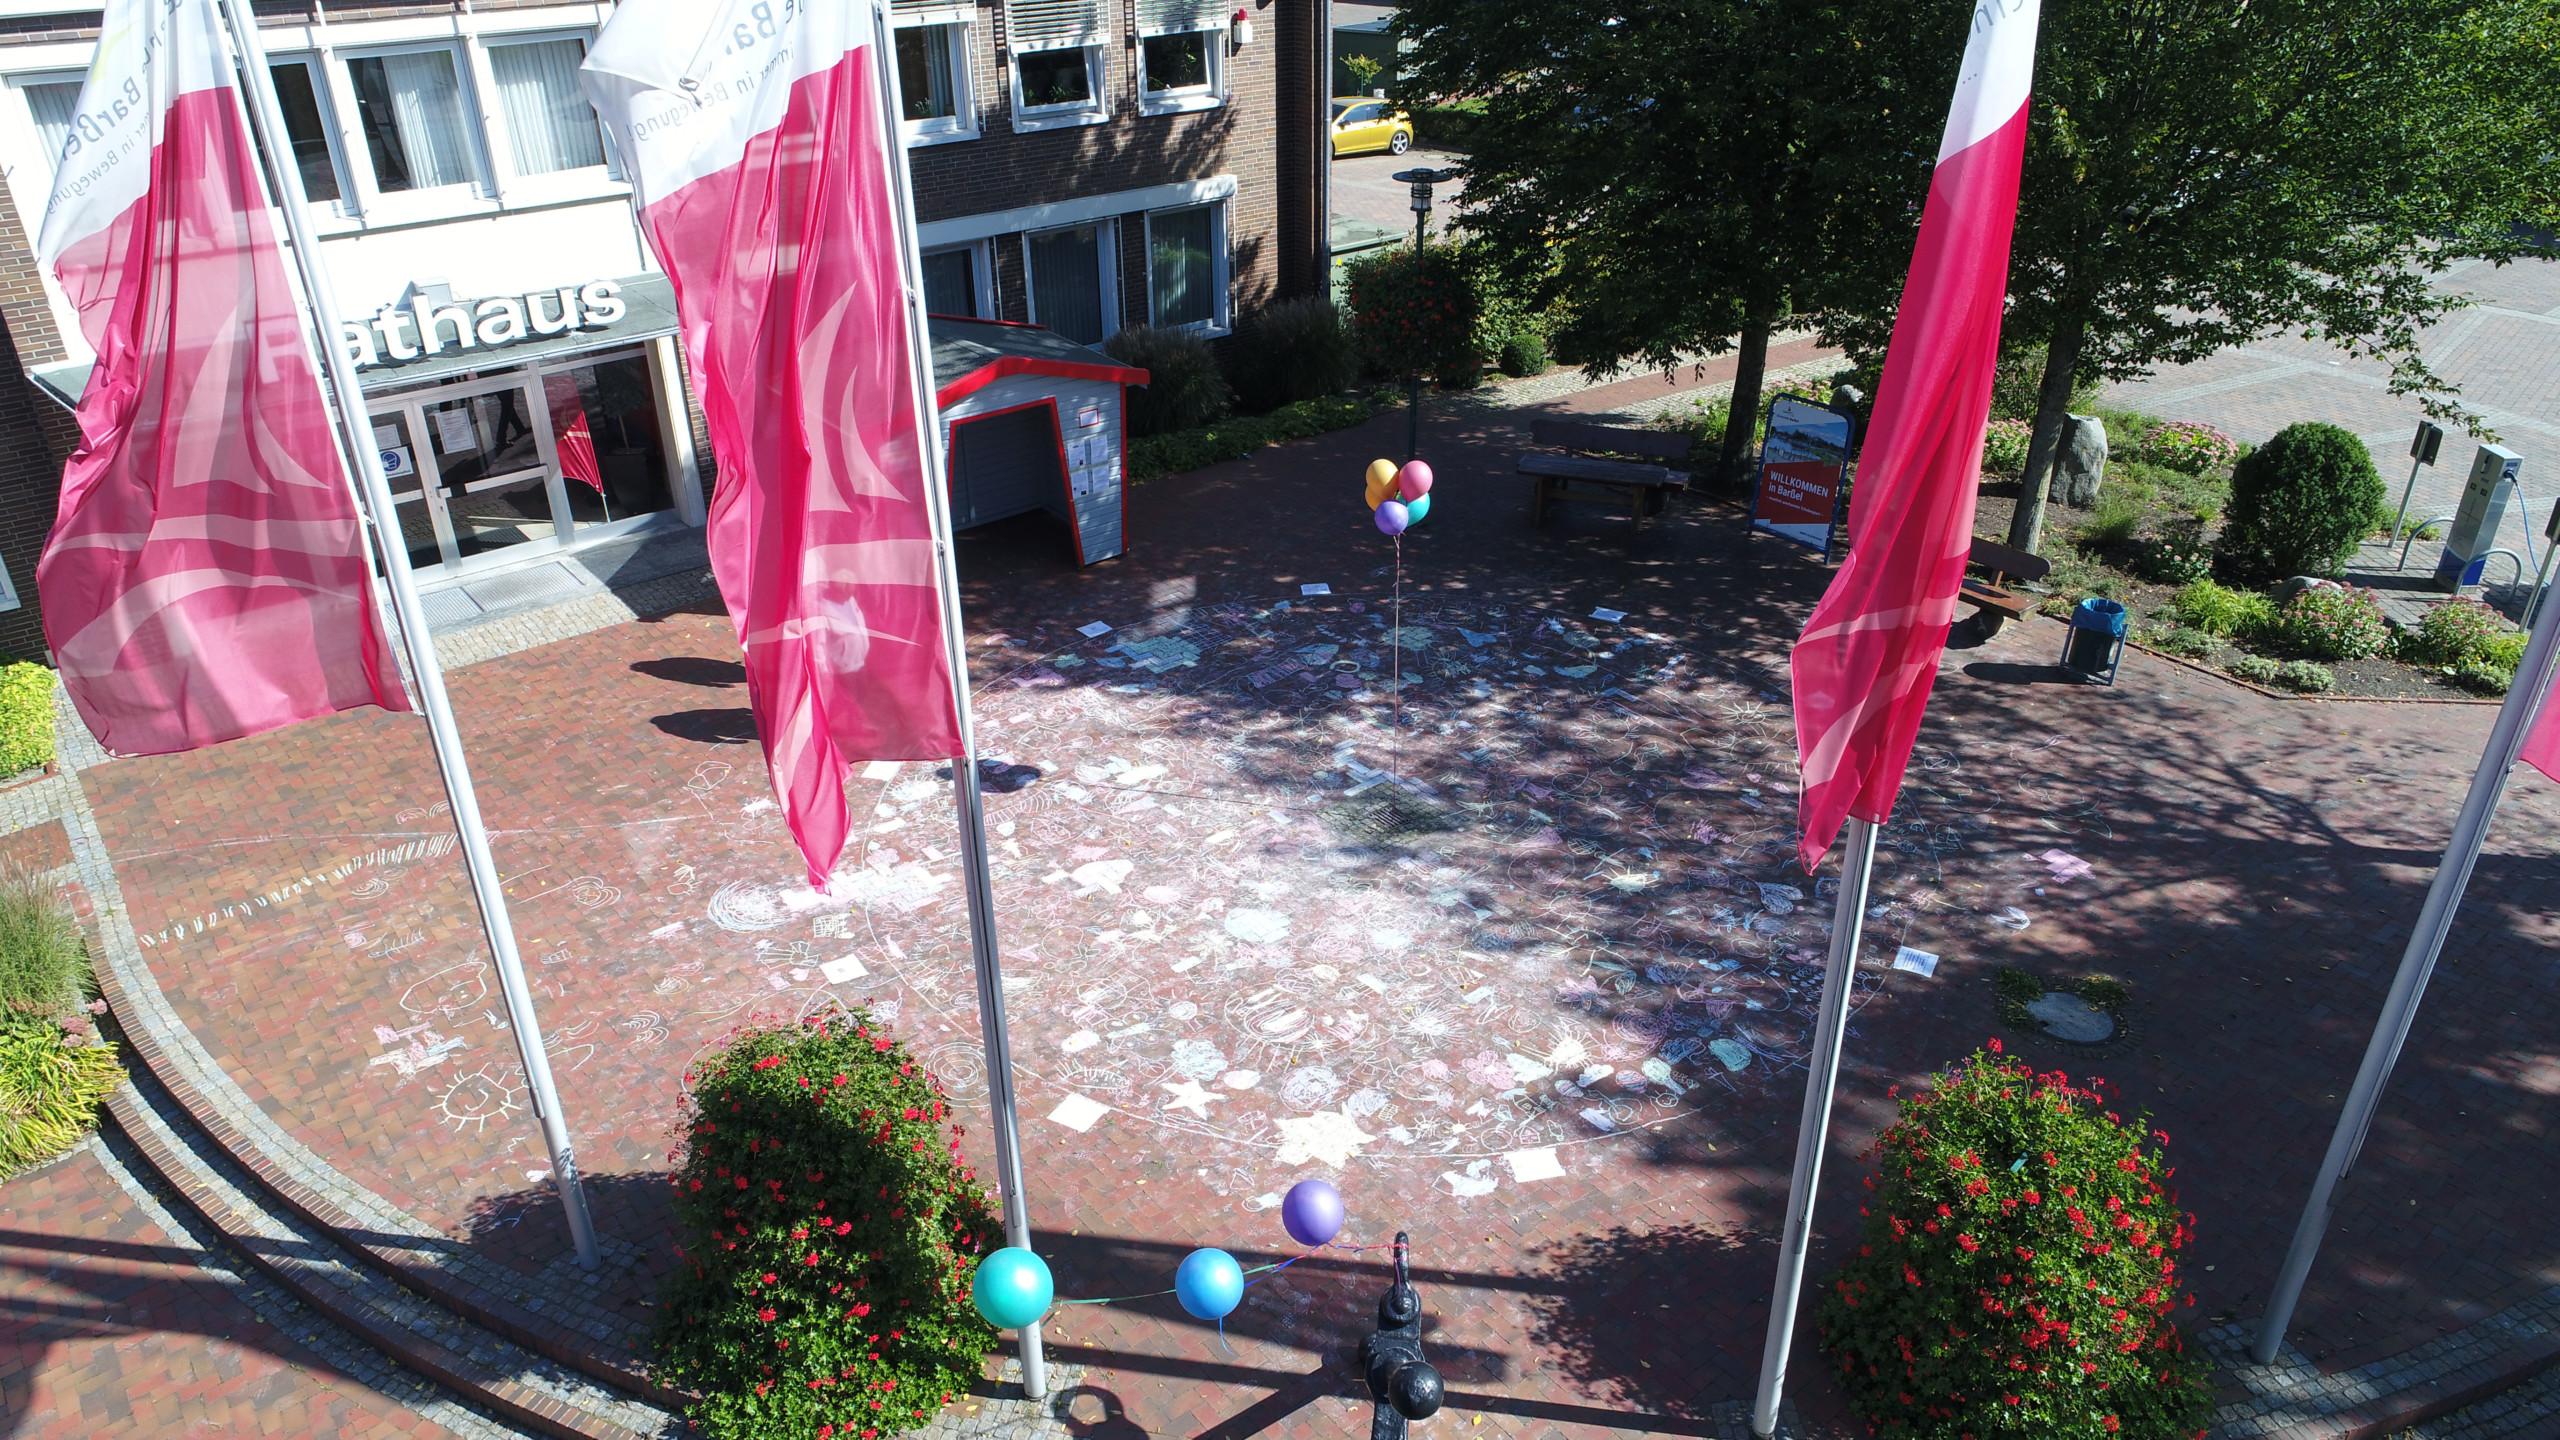 Das Gesamtkunstwerk vor dem Rathaus. Aufnahme: Siebum/Gemeinde Barßel